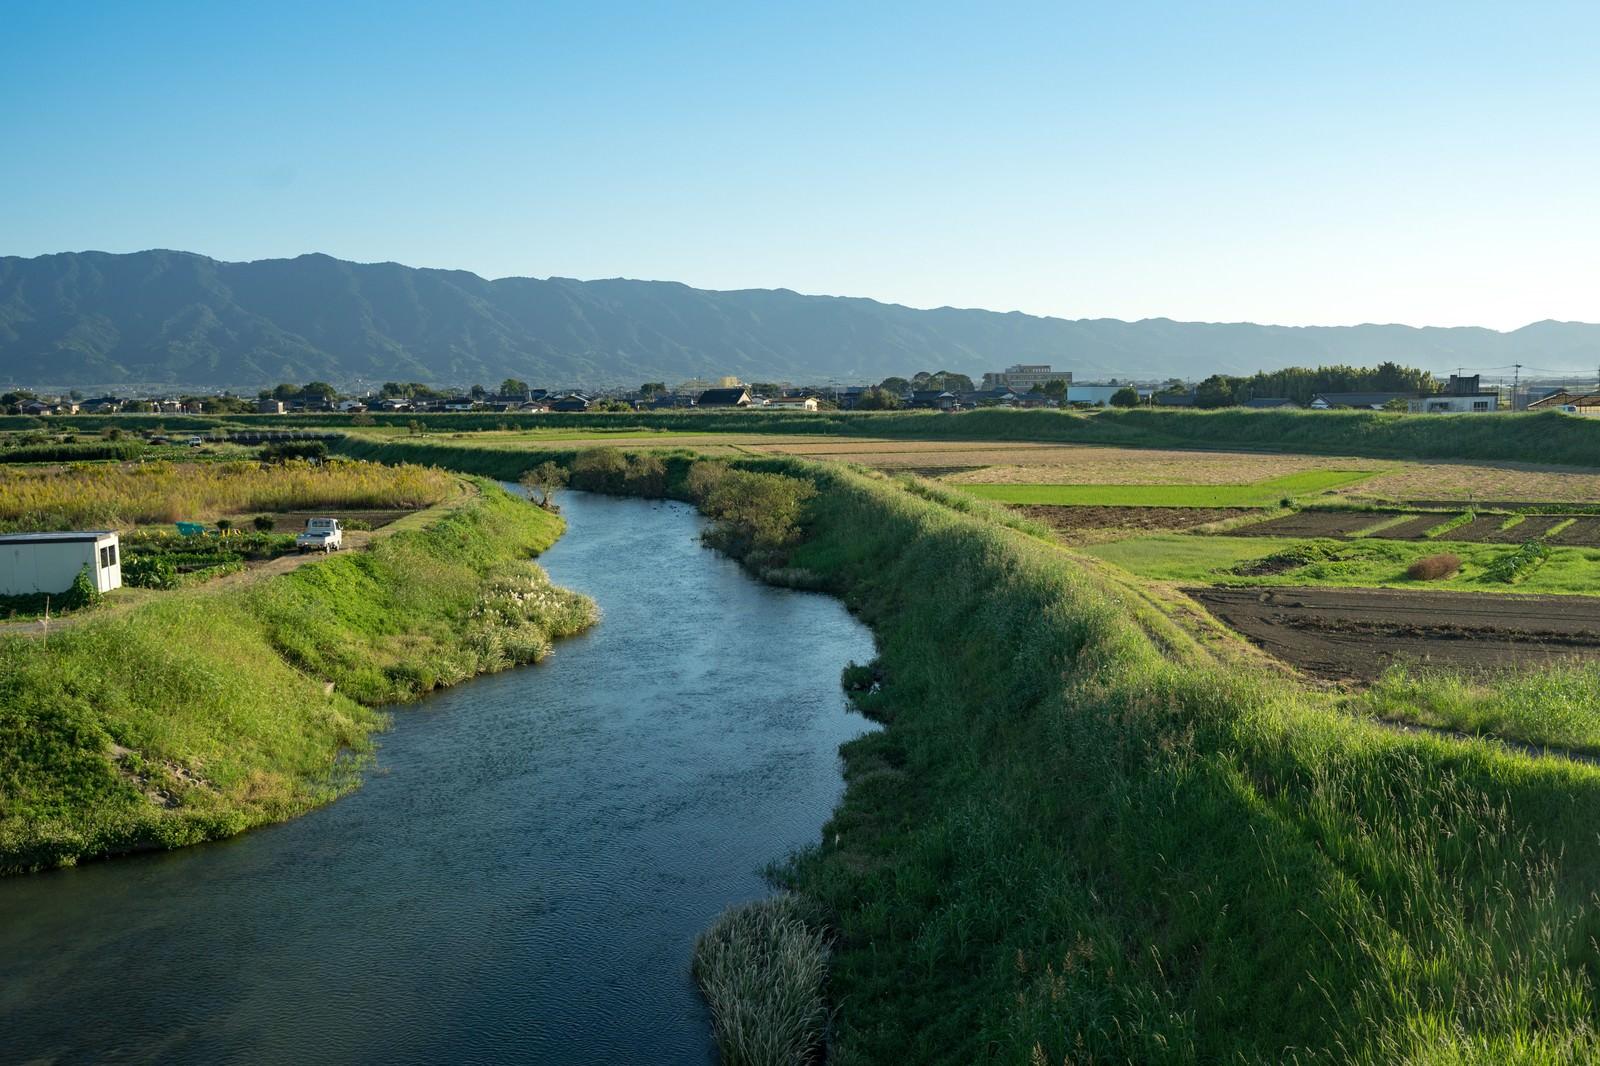 「大刀洗小石原川(江戸橋から)」の写真